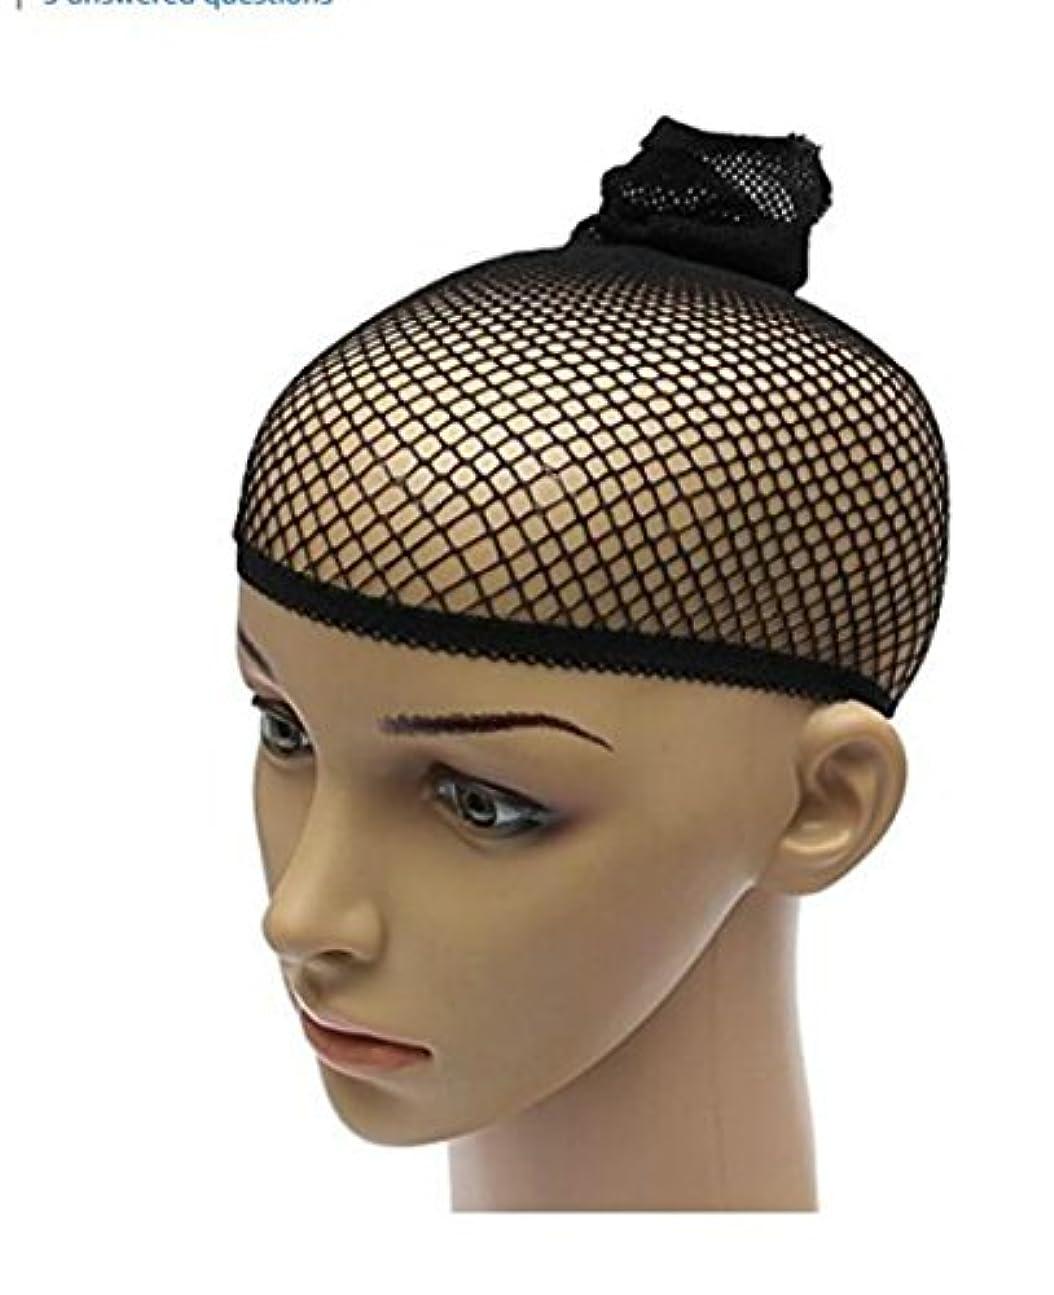 よろめく真鍮ビバTAKIの部屋 ウィッグネット ウィッグ専用 ハロイン変身用 ヘアーネット 筒型 ブラック フリーサイズ ユニセックス